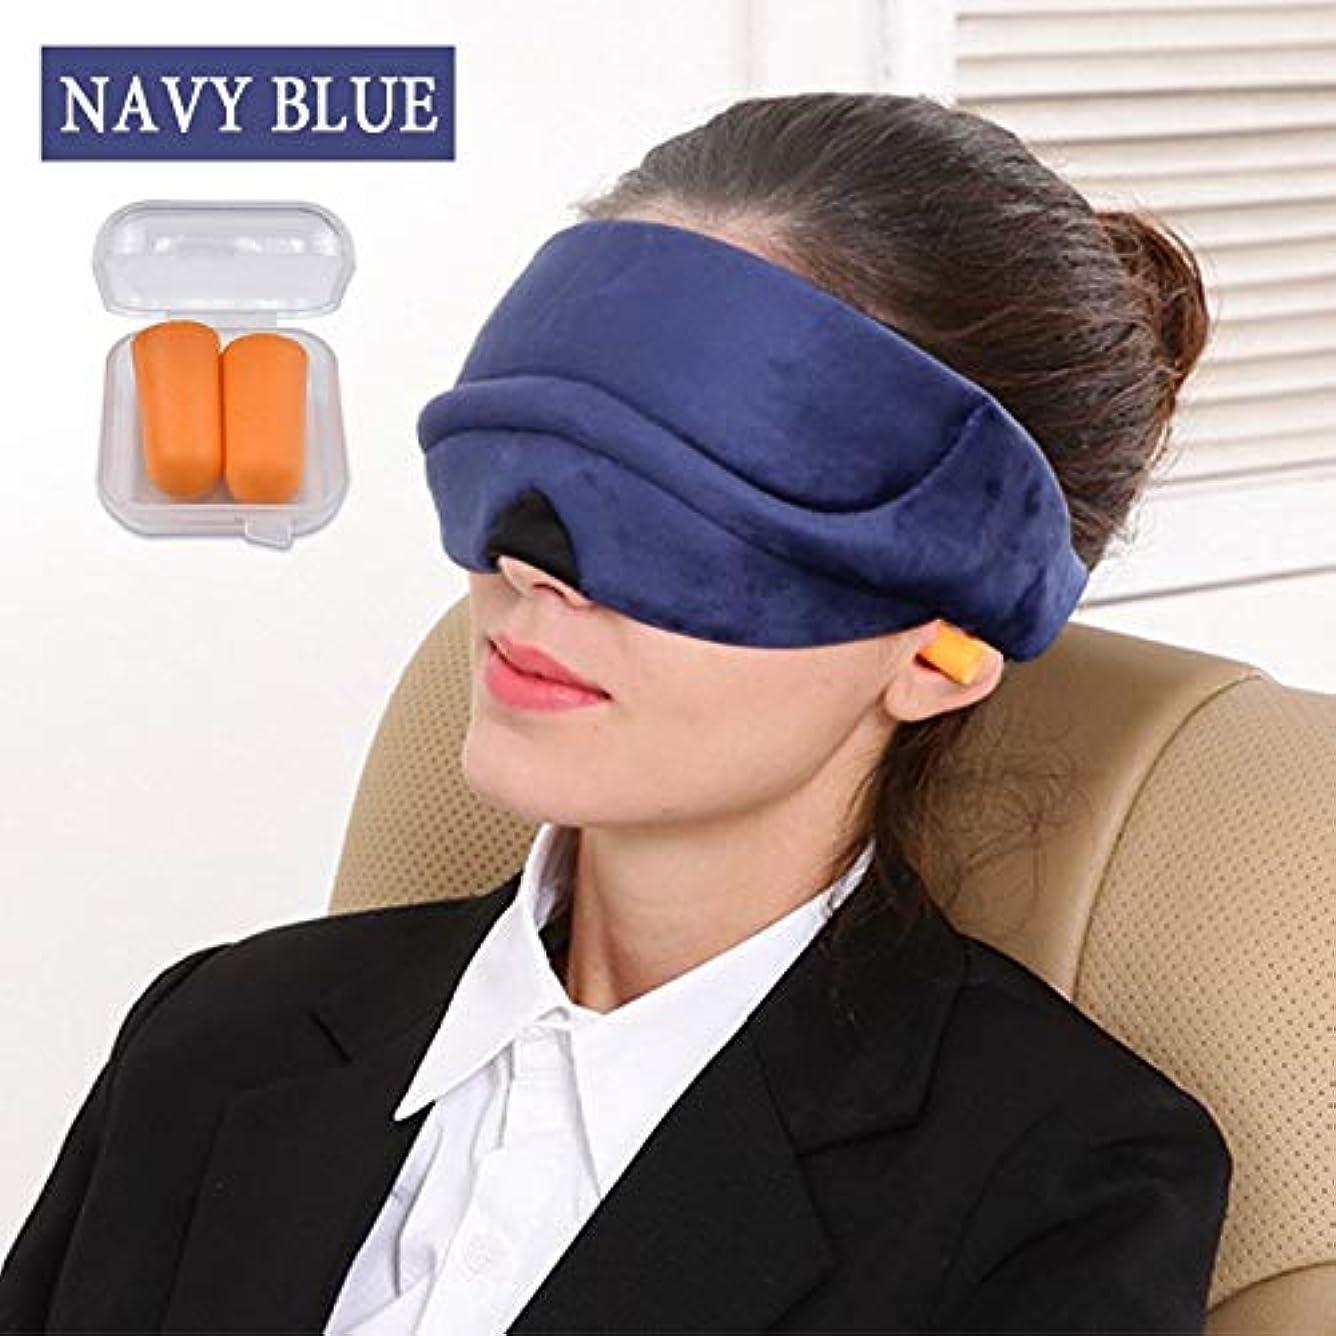 独創的解読するフェロー諸島NOTE 3dナチュラルスリーピングアイマスク睡眠休息補助アイシェードソフト通気性アイパッチ包帯用夜間睡眠屋外旅行目隠し